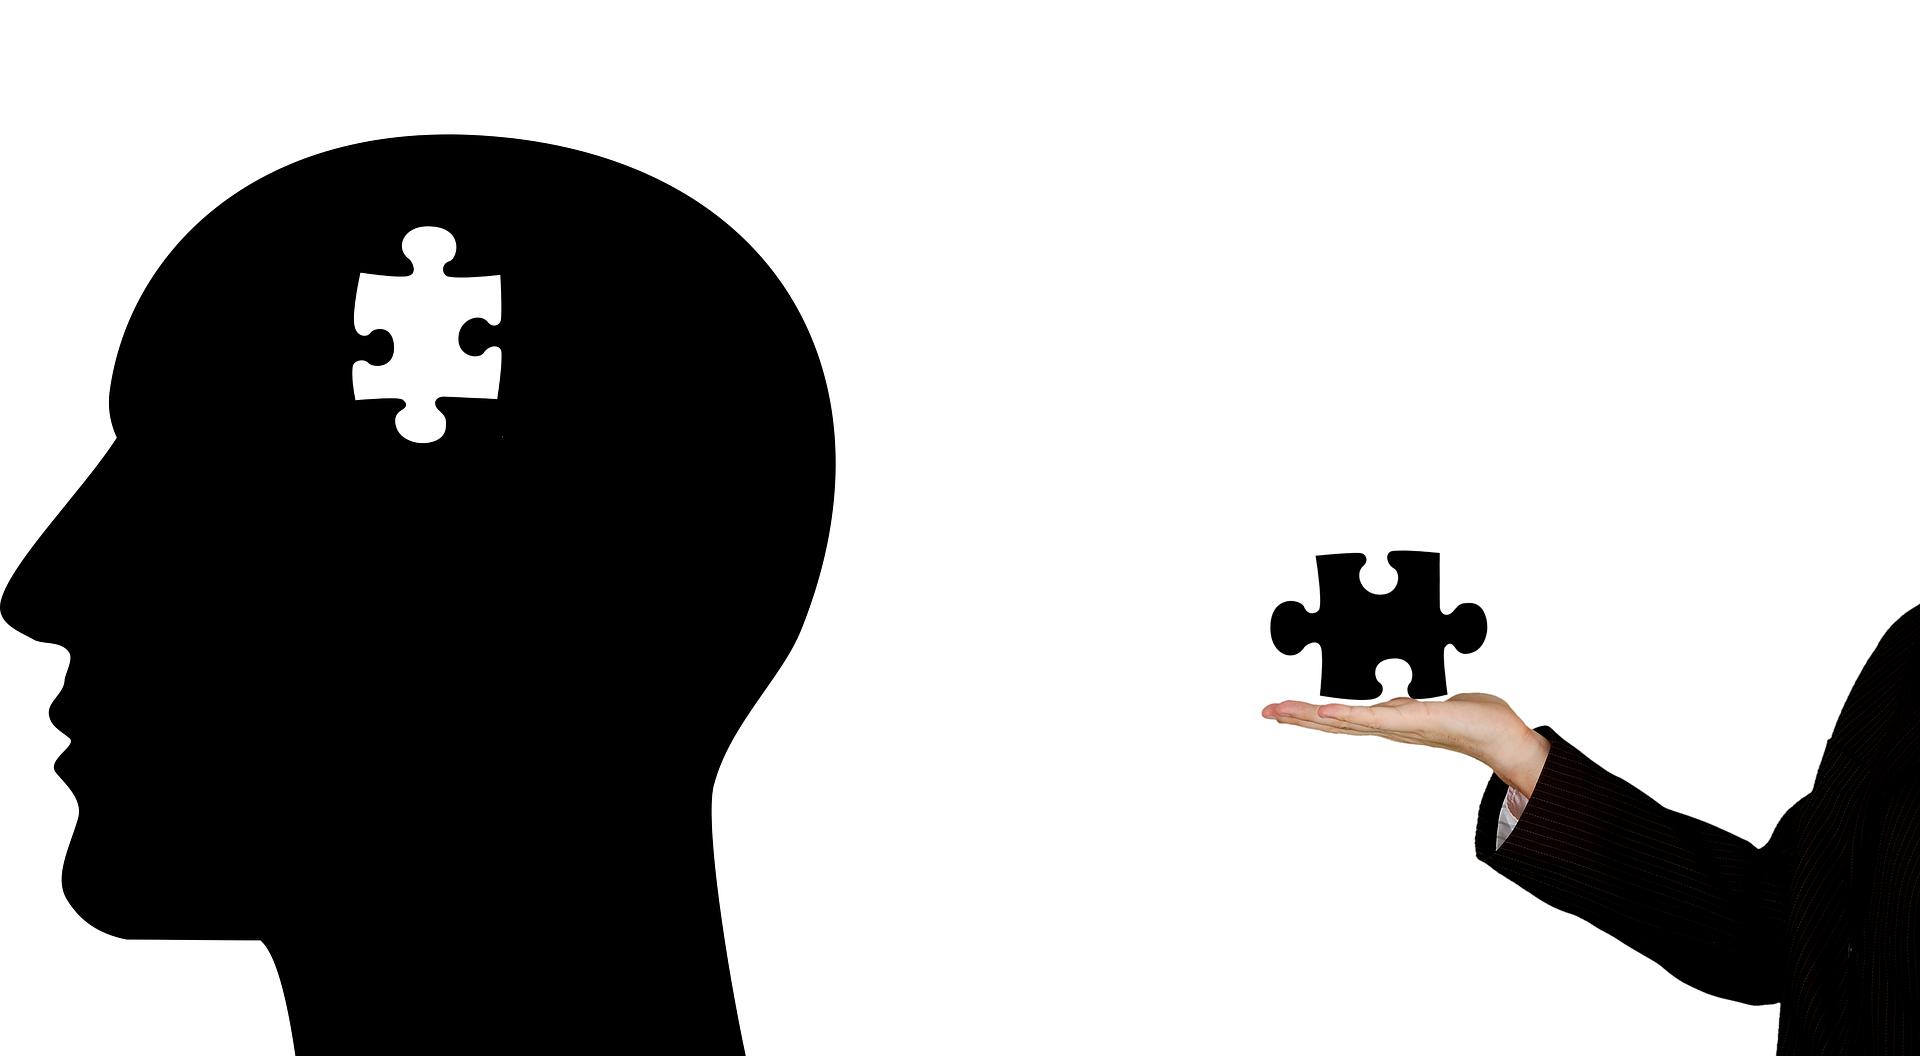 Hypnose ein natürlicher Bewusstseinszustand?